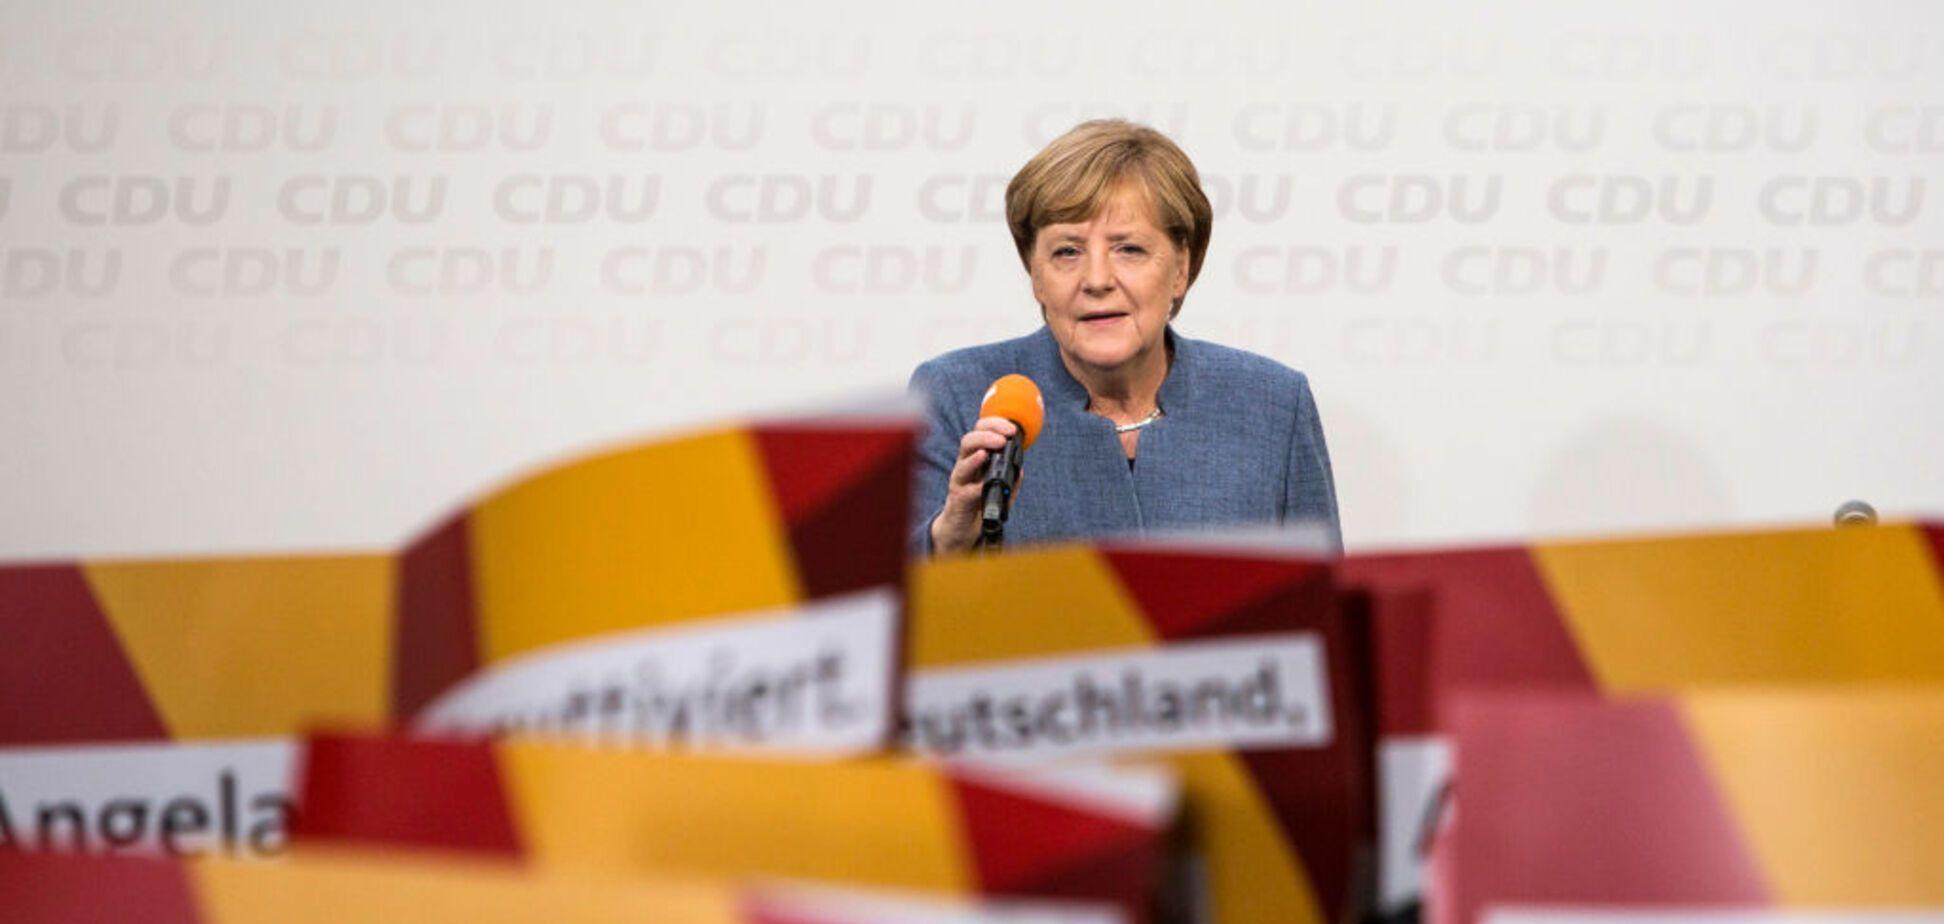 'Я мечтаю о союзе с Германией': Ляшко поздравил Меркель с победой на выборах